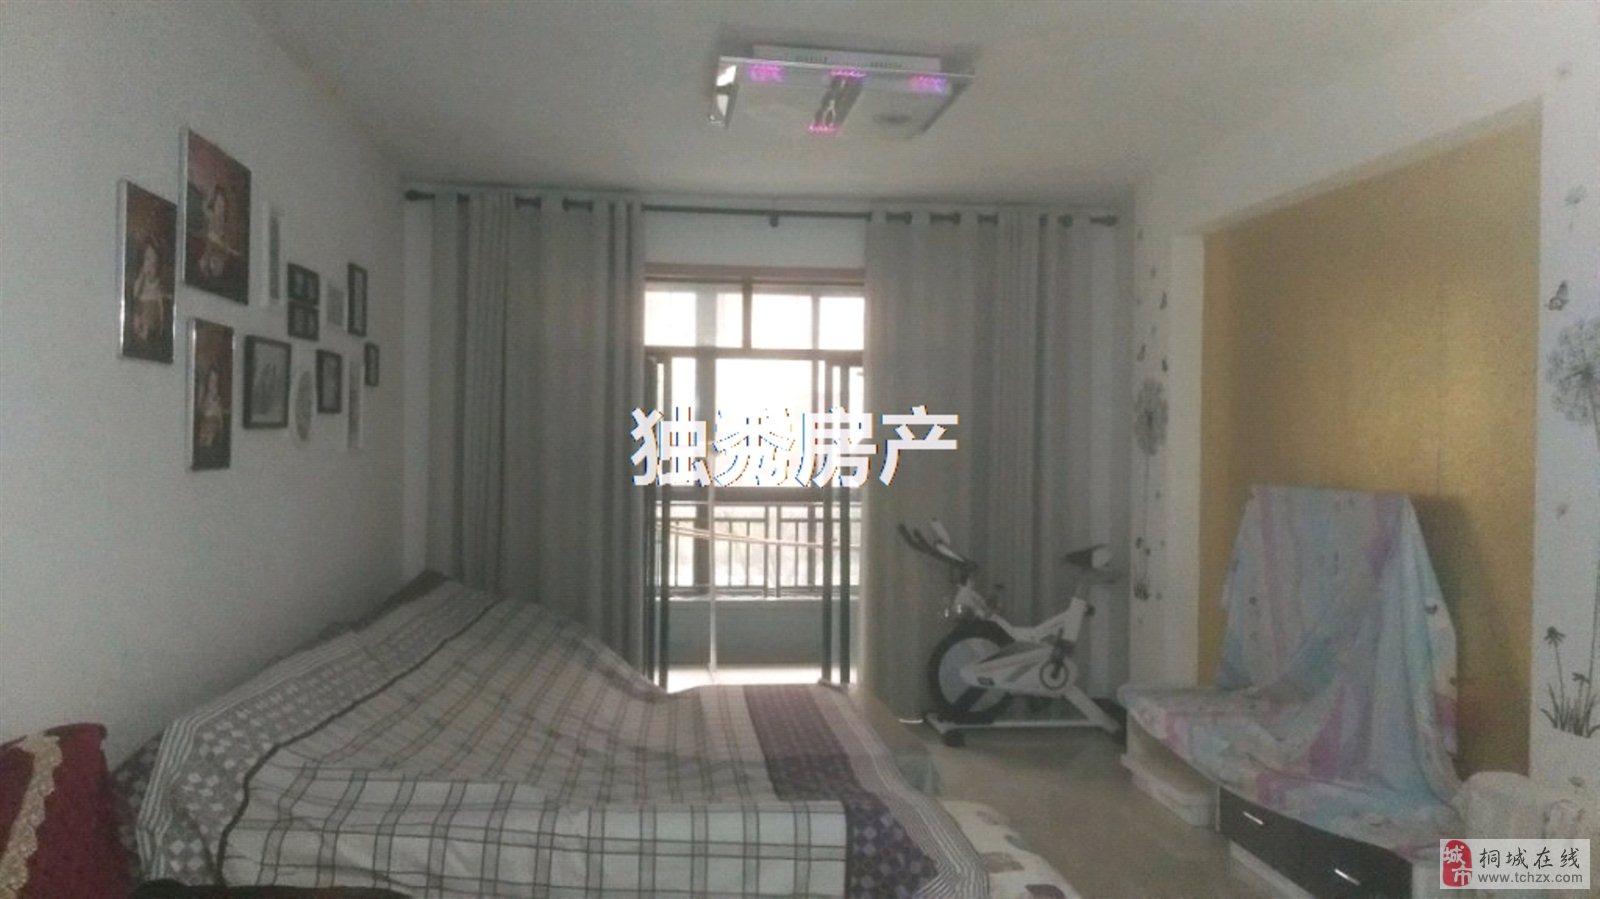 出售新东方世纪城2室2厅1卫54万元